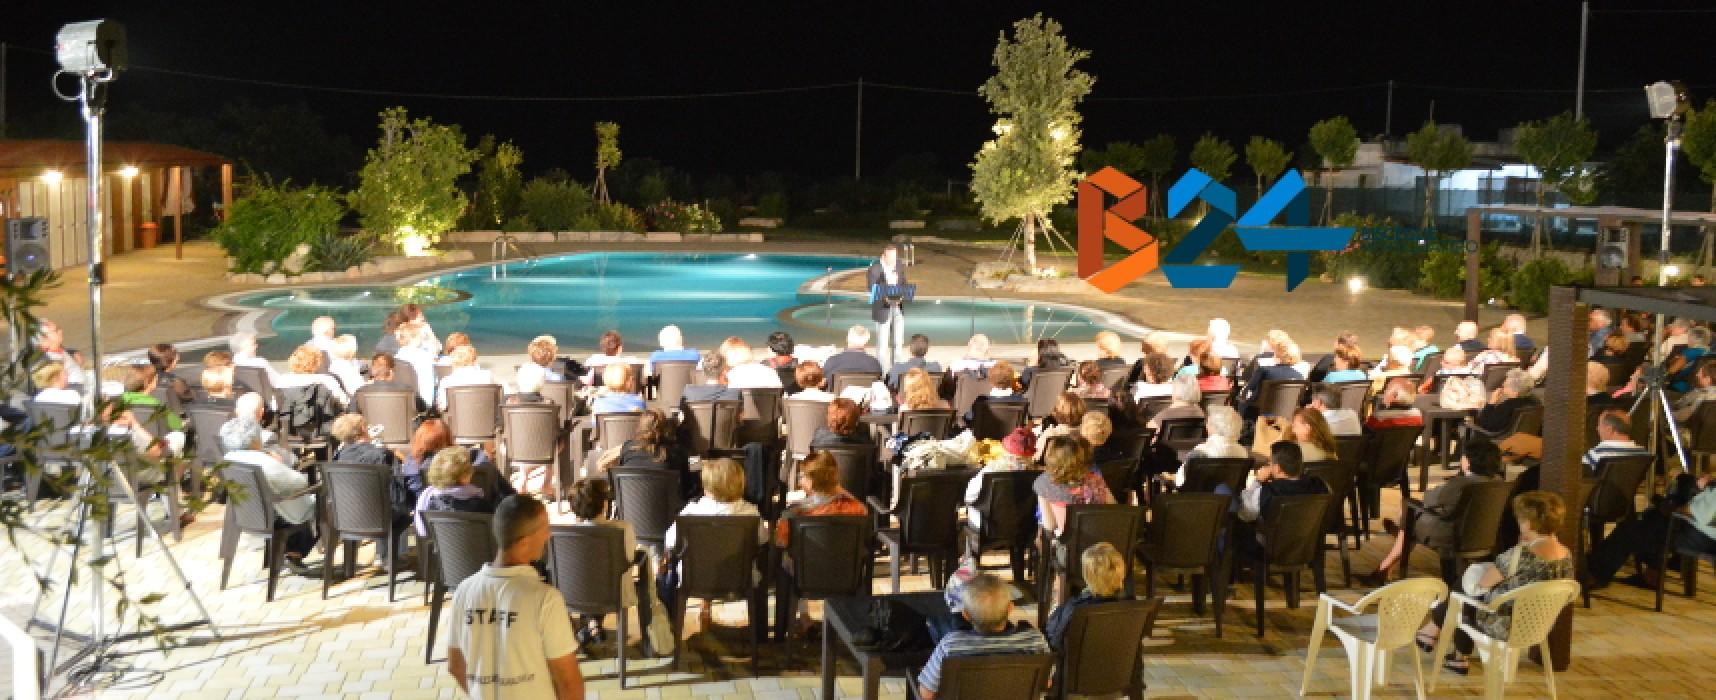 """Al via la III edizione di """"Musica, Teatro e Degustazioni"""" all'agricampeggio """"Brezza tra gli ulivi"""""""